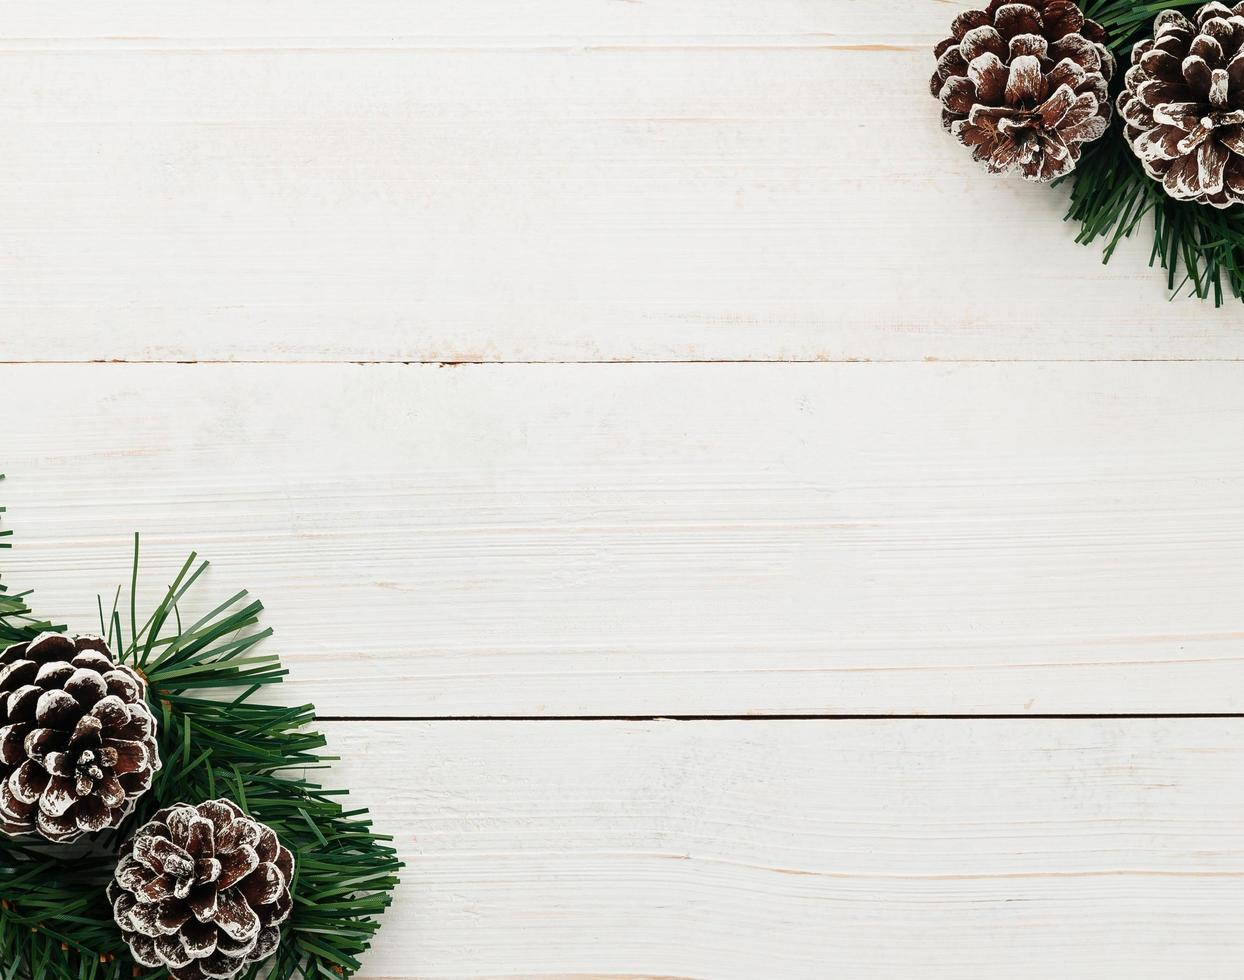 Weihnachtskiefernzapfendekoration auf weißem Holztisch foto